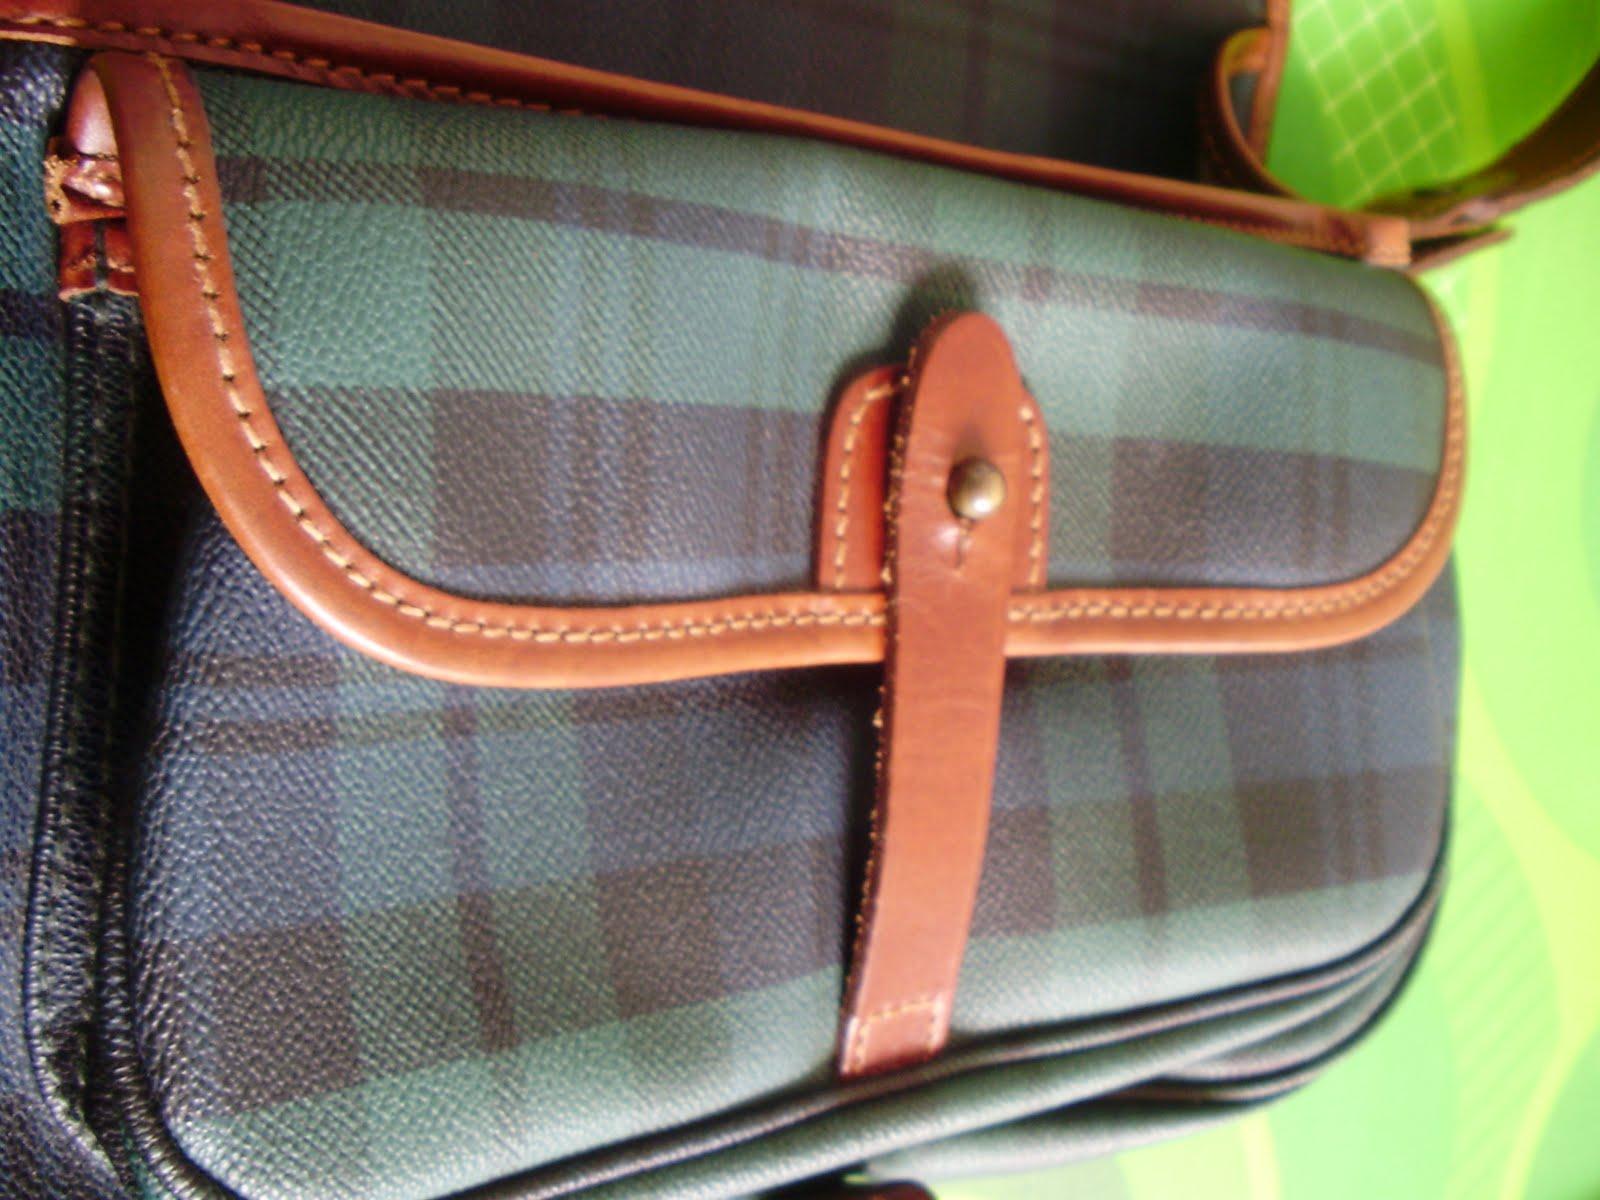 polo rl usa ralph lauren sling bag